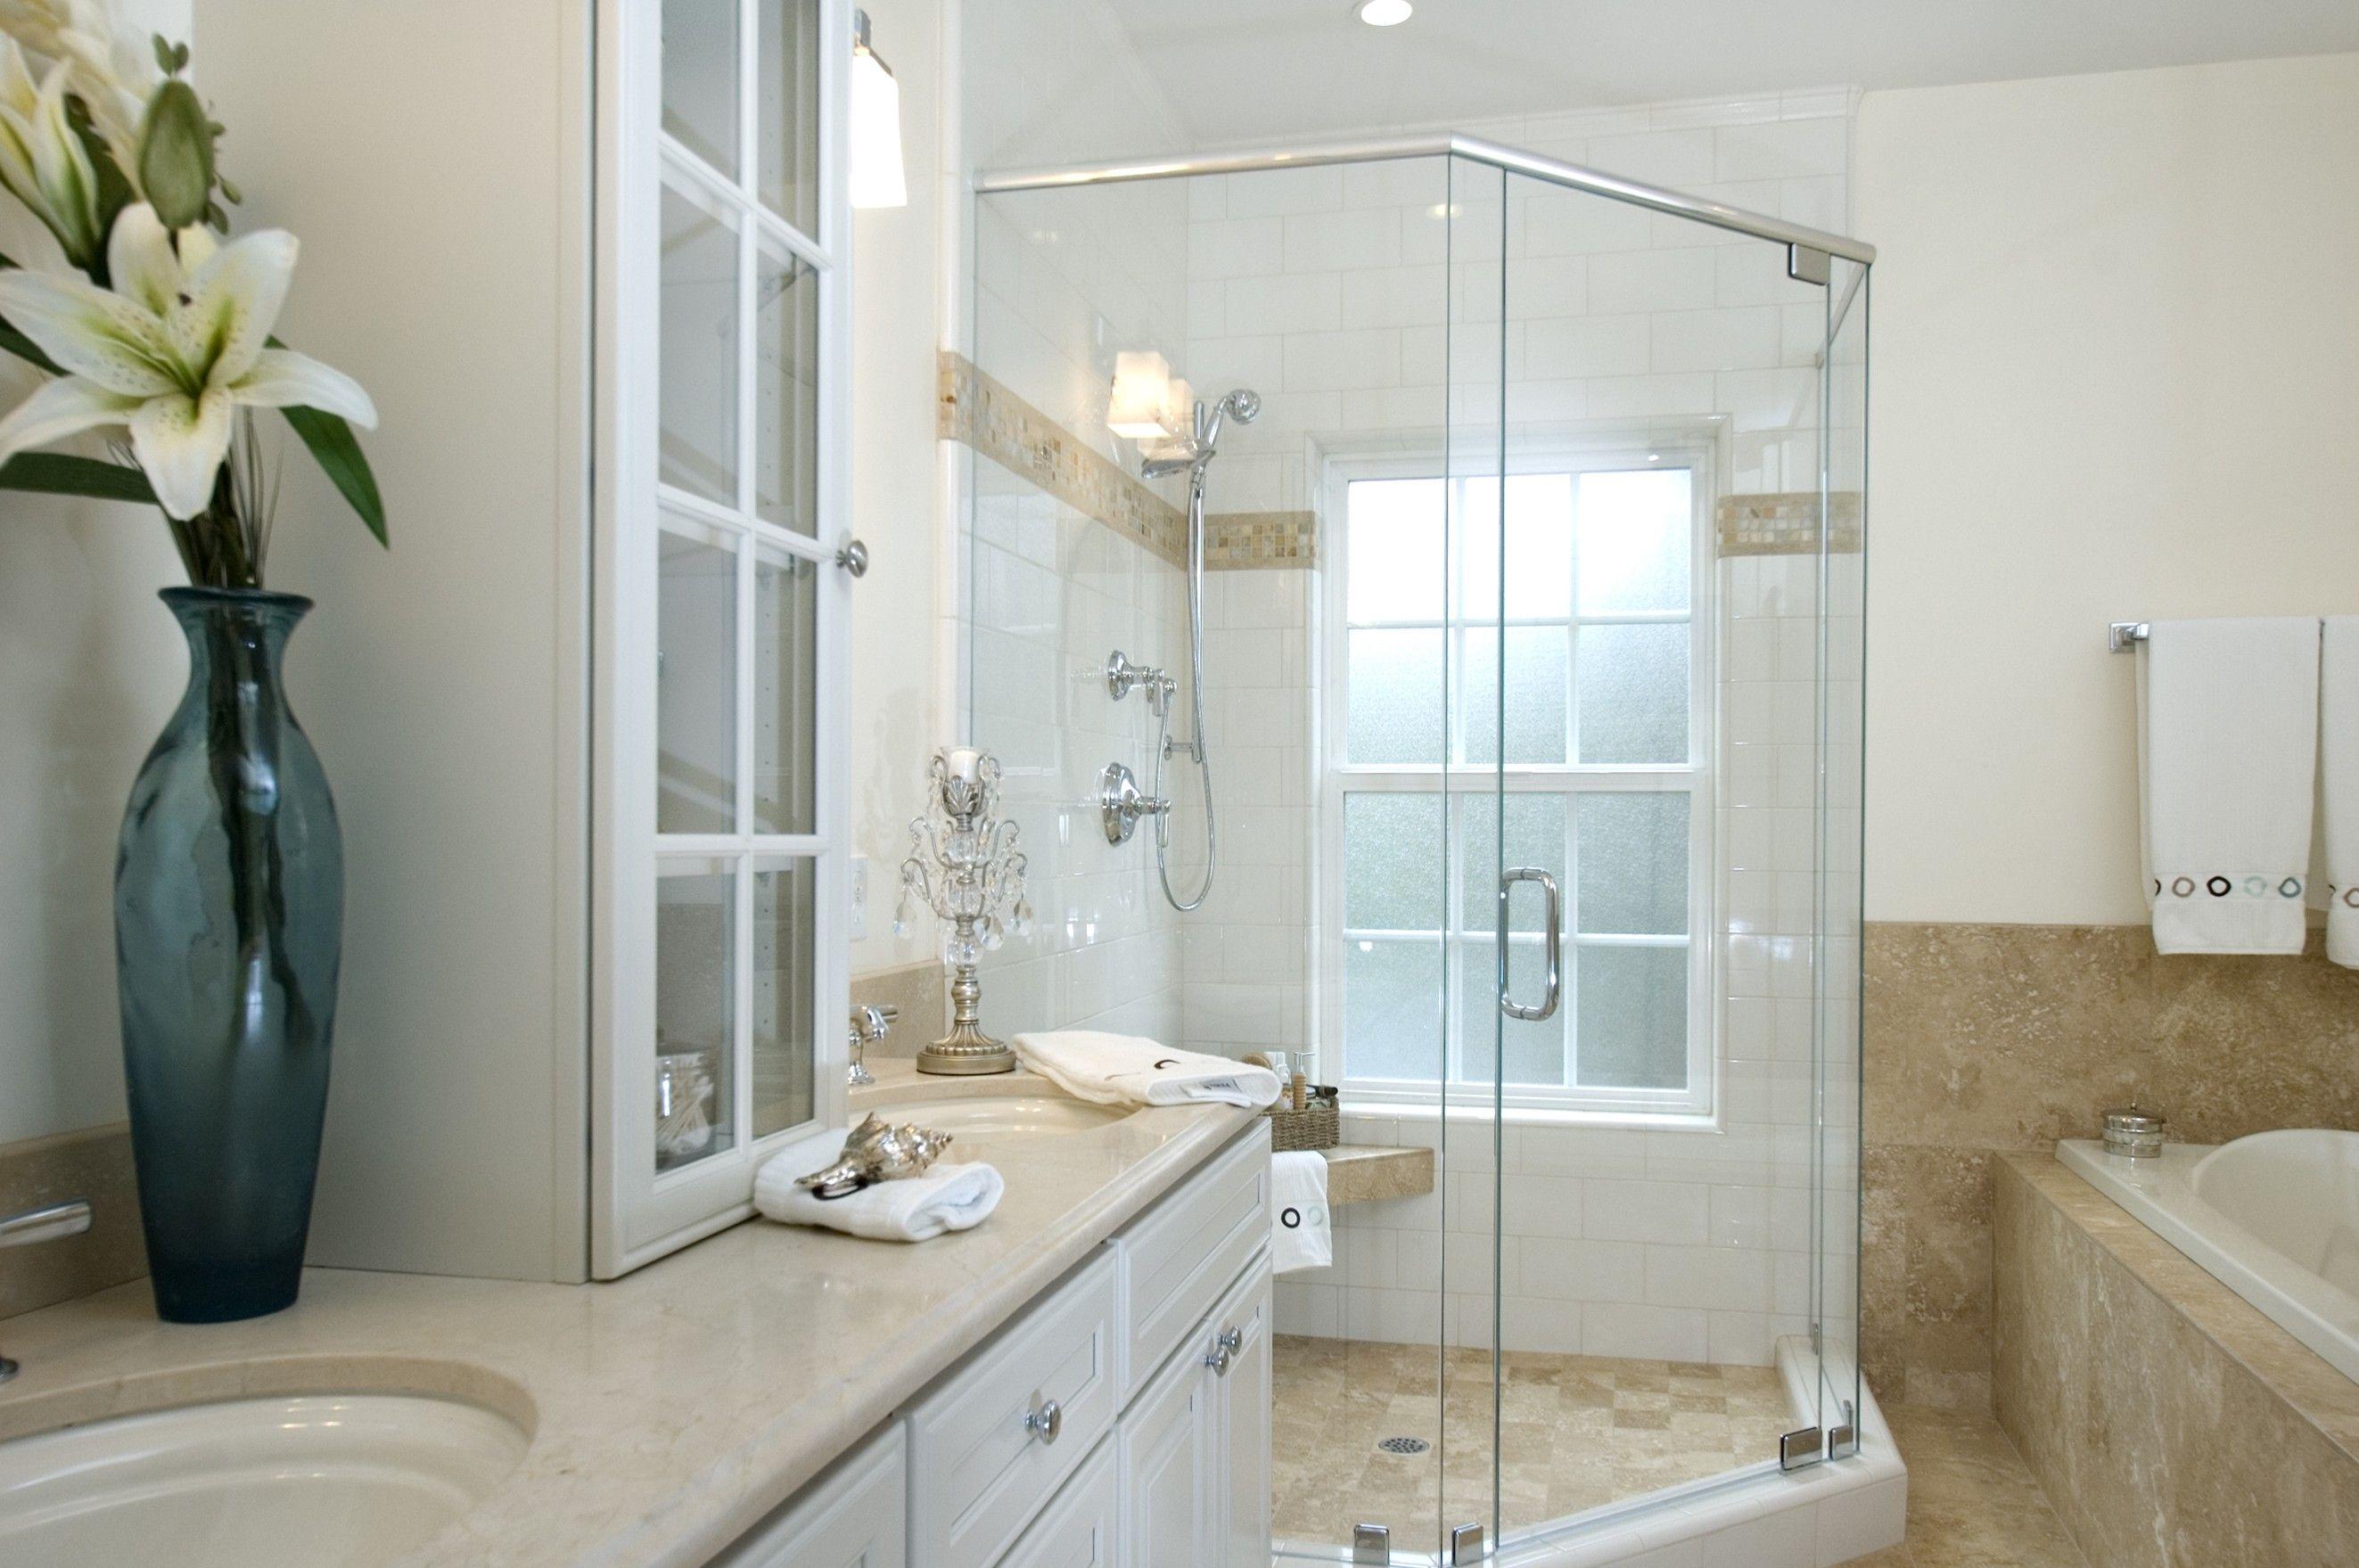 Appealing White Granite Tops Vanities Bathroom With Single ...